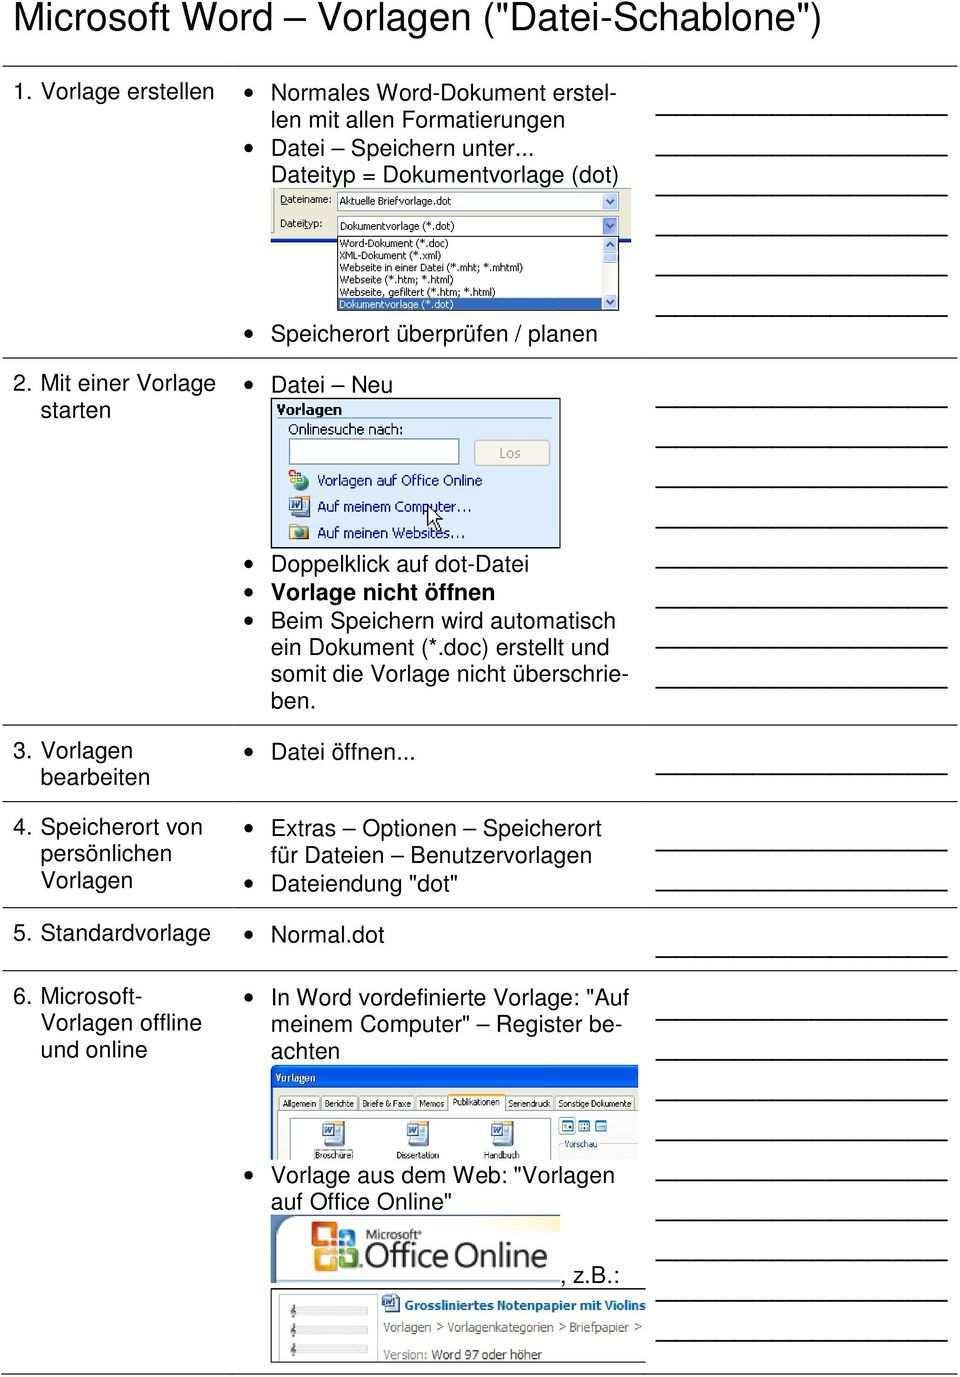 Microsoft Word Vorlagen Datei Schablone Pdf Free Download